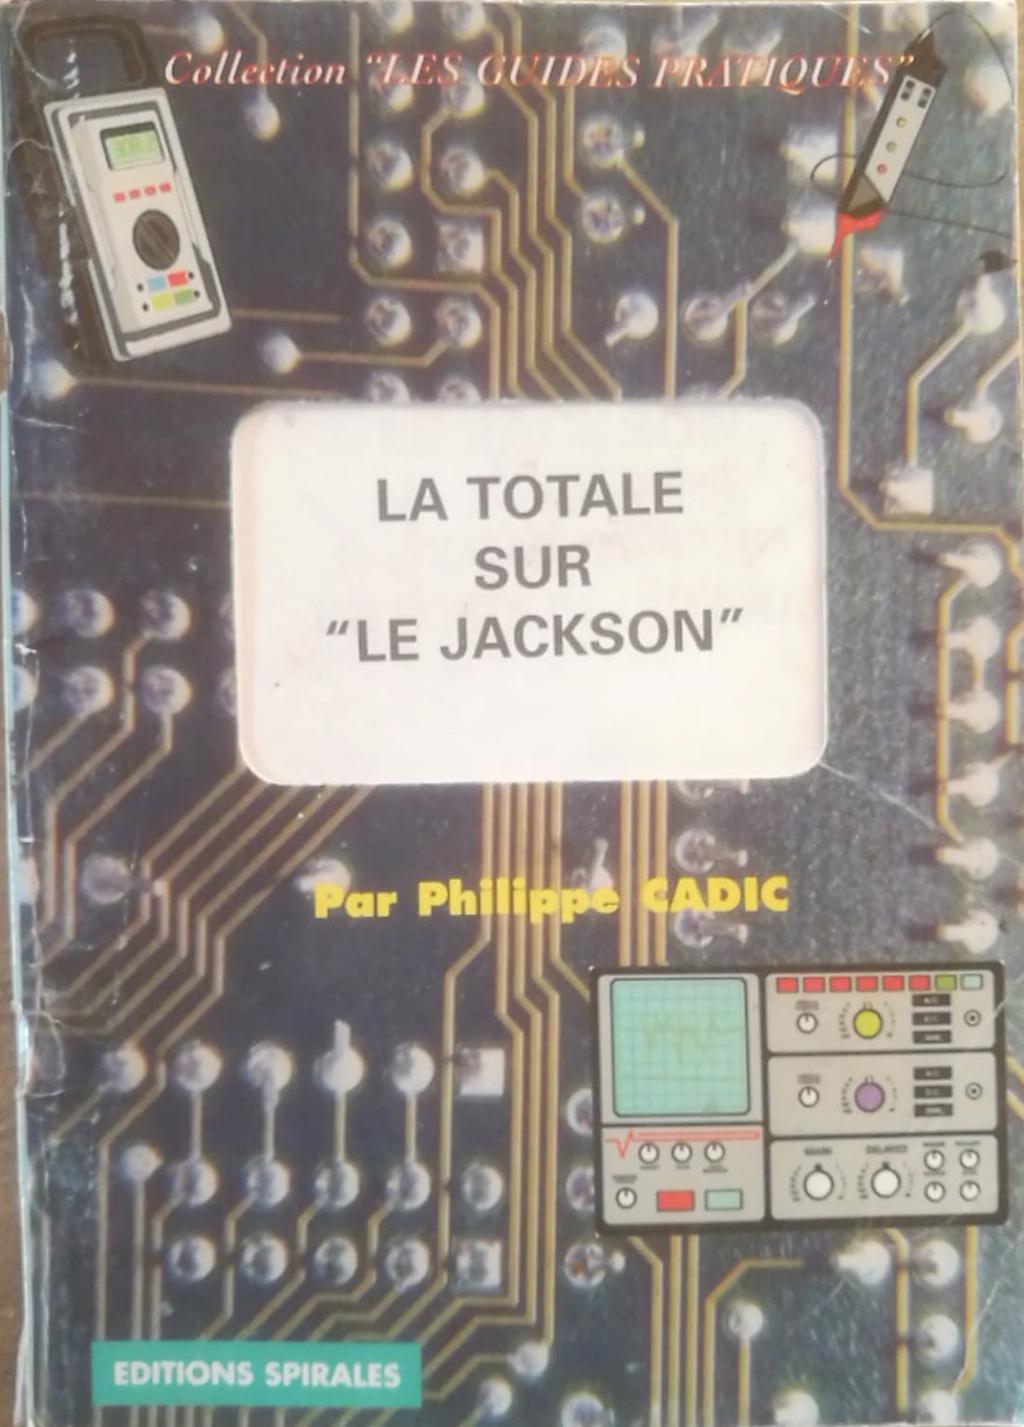 Les Guides Pratiques (Livre (Fr.) 11845610